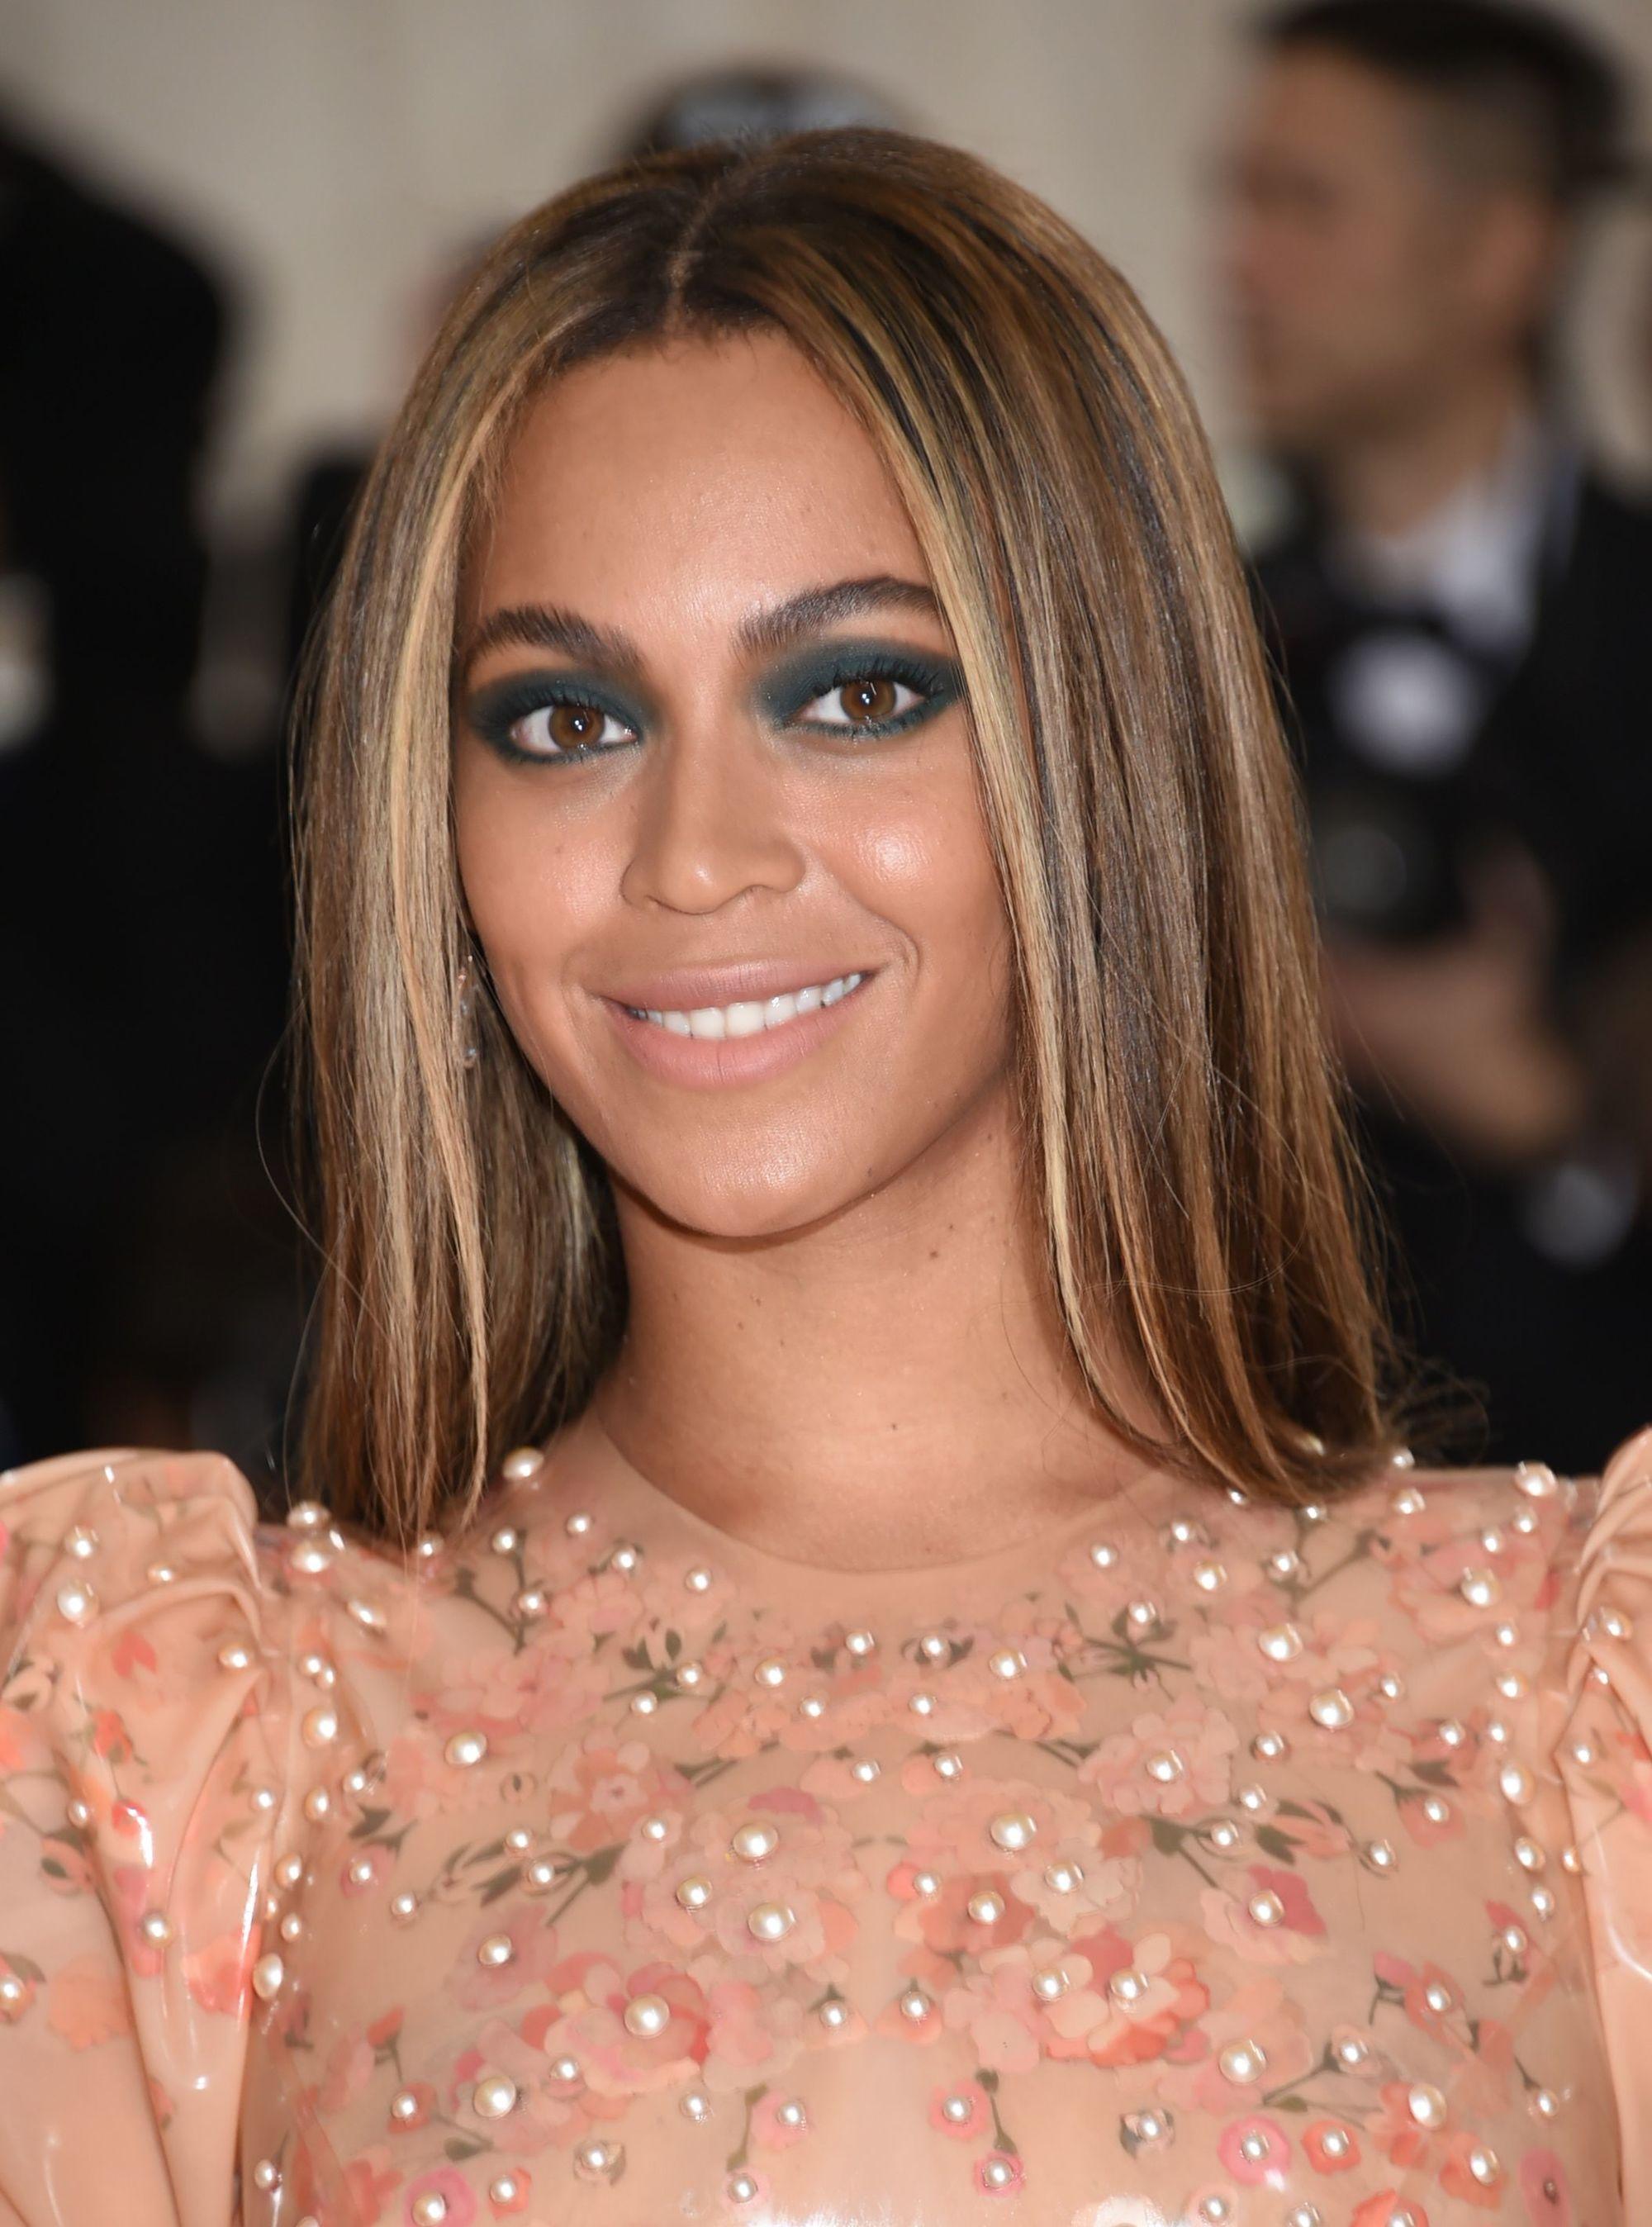 Beyonce aux longs cheveux raides de couleur brun caramel avec des reflets blonds, portant une robe en or rose sur le tapis rouge